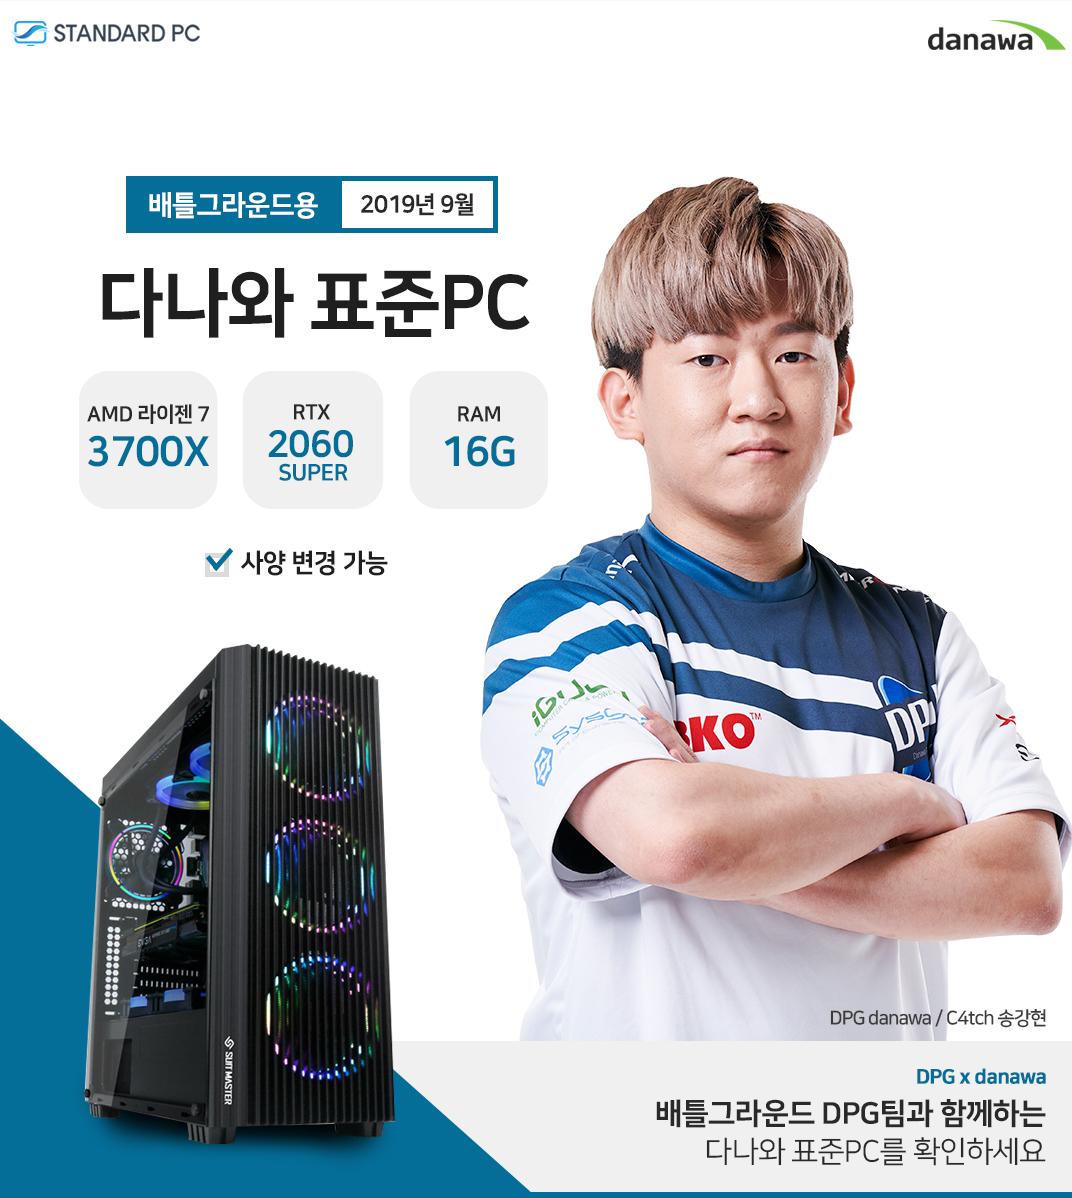 2019년 9월 다나와 표준PC 배틀그라운드용 AMD 라이젠 7 3700X RTX2060 super RAM 16G